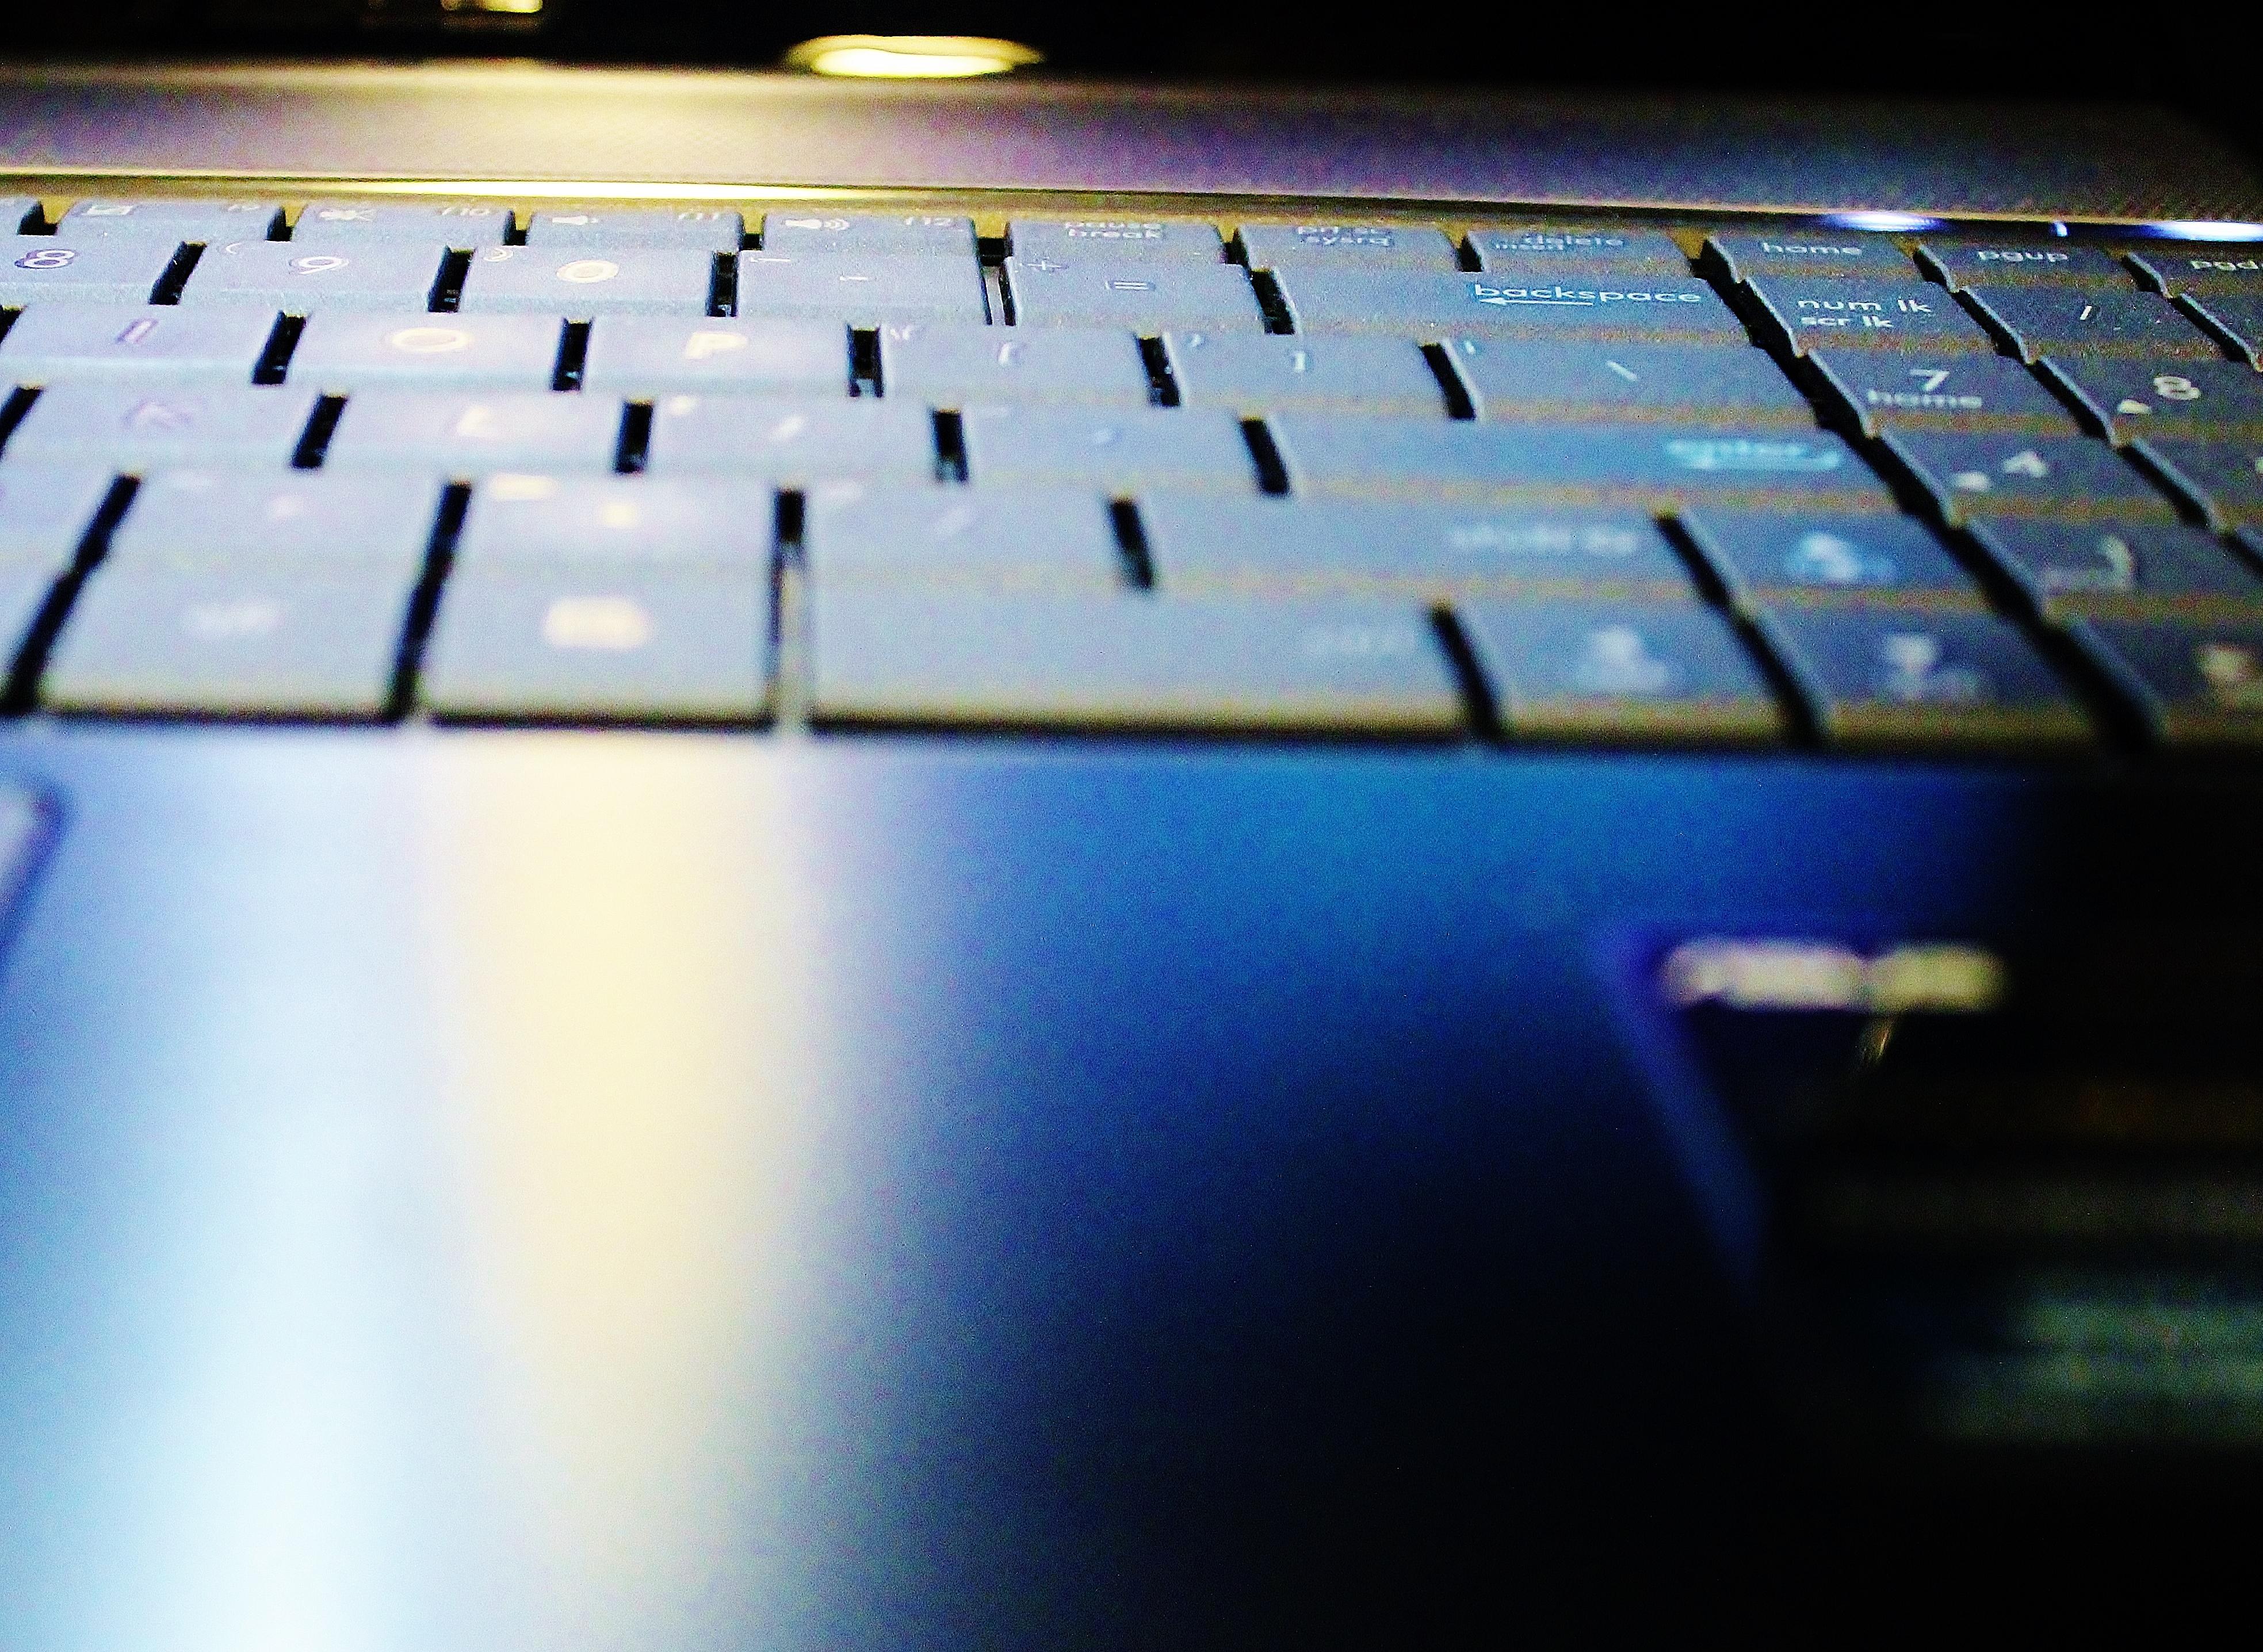 IDF prevents major cyber attack